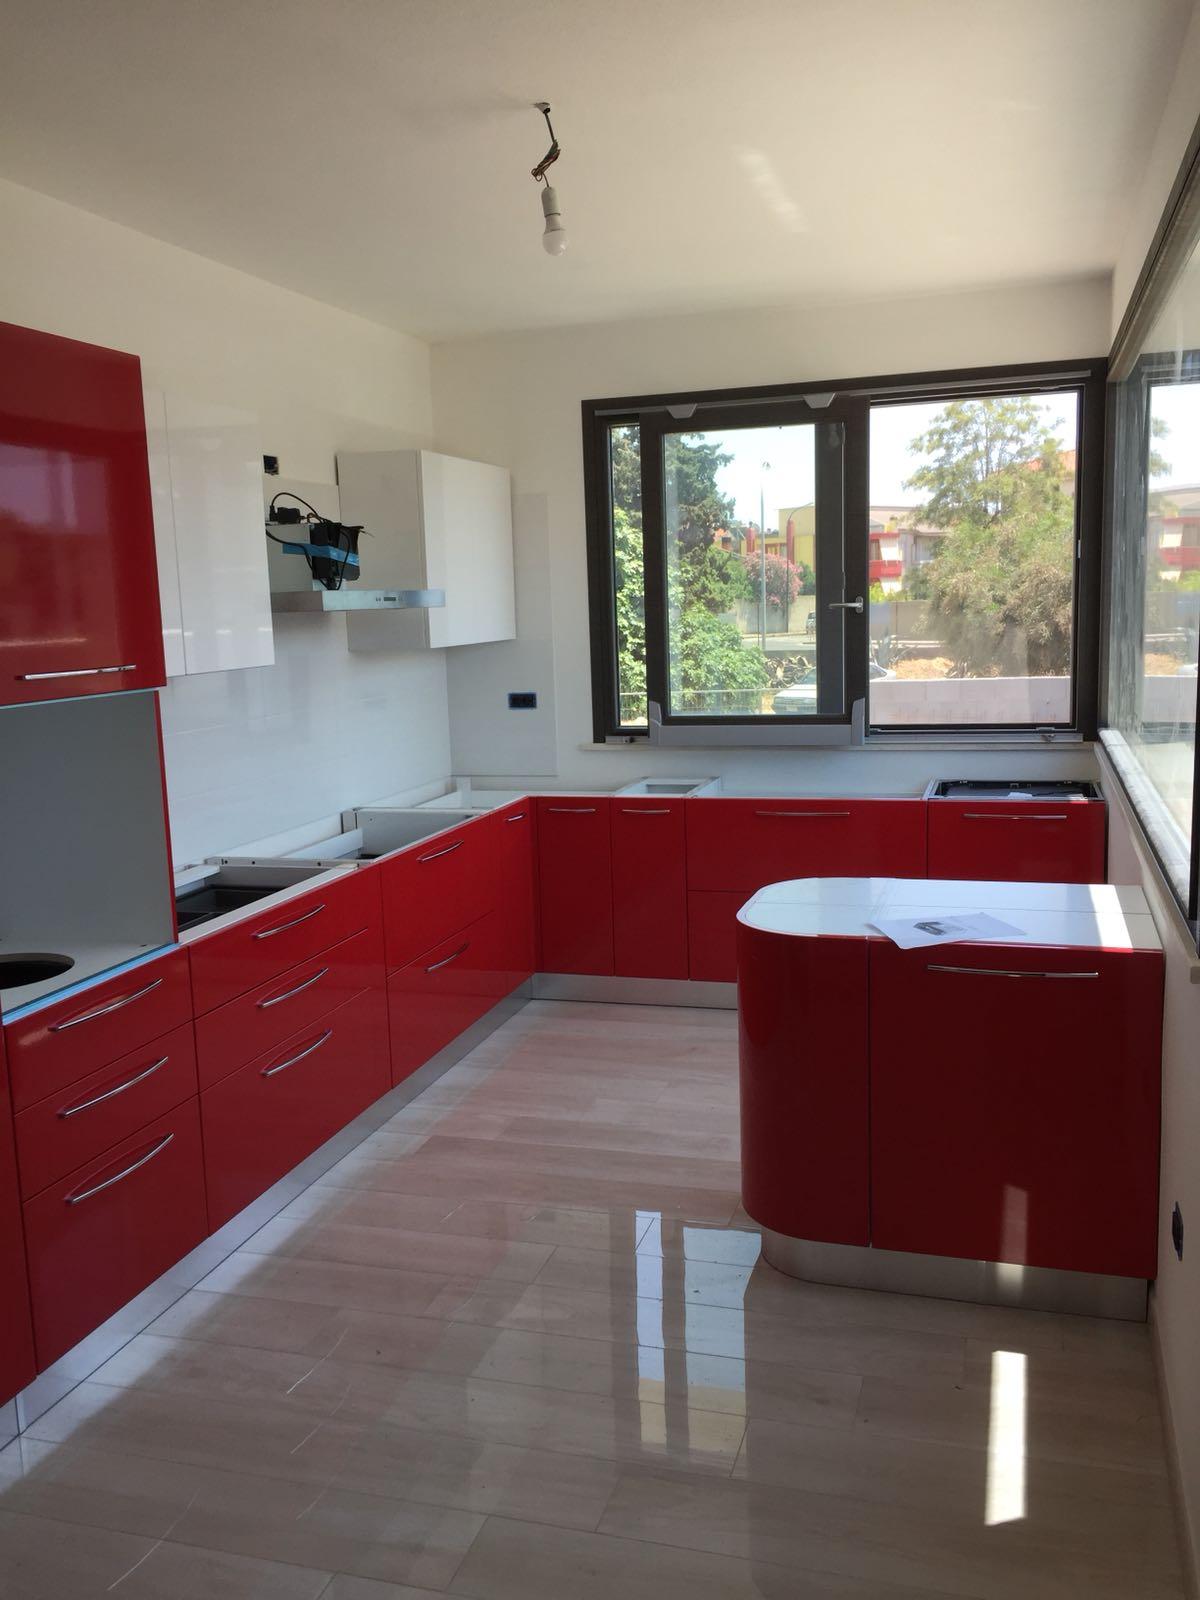 Cucine Cagliari Arredi 2000 0620 WA0011